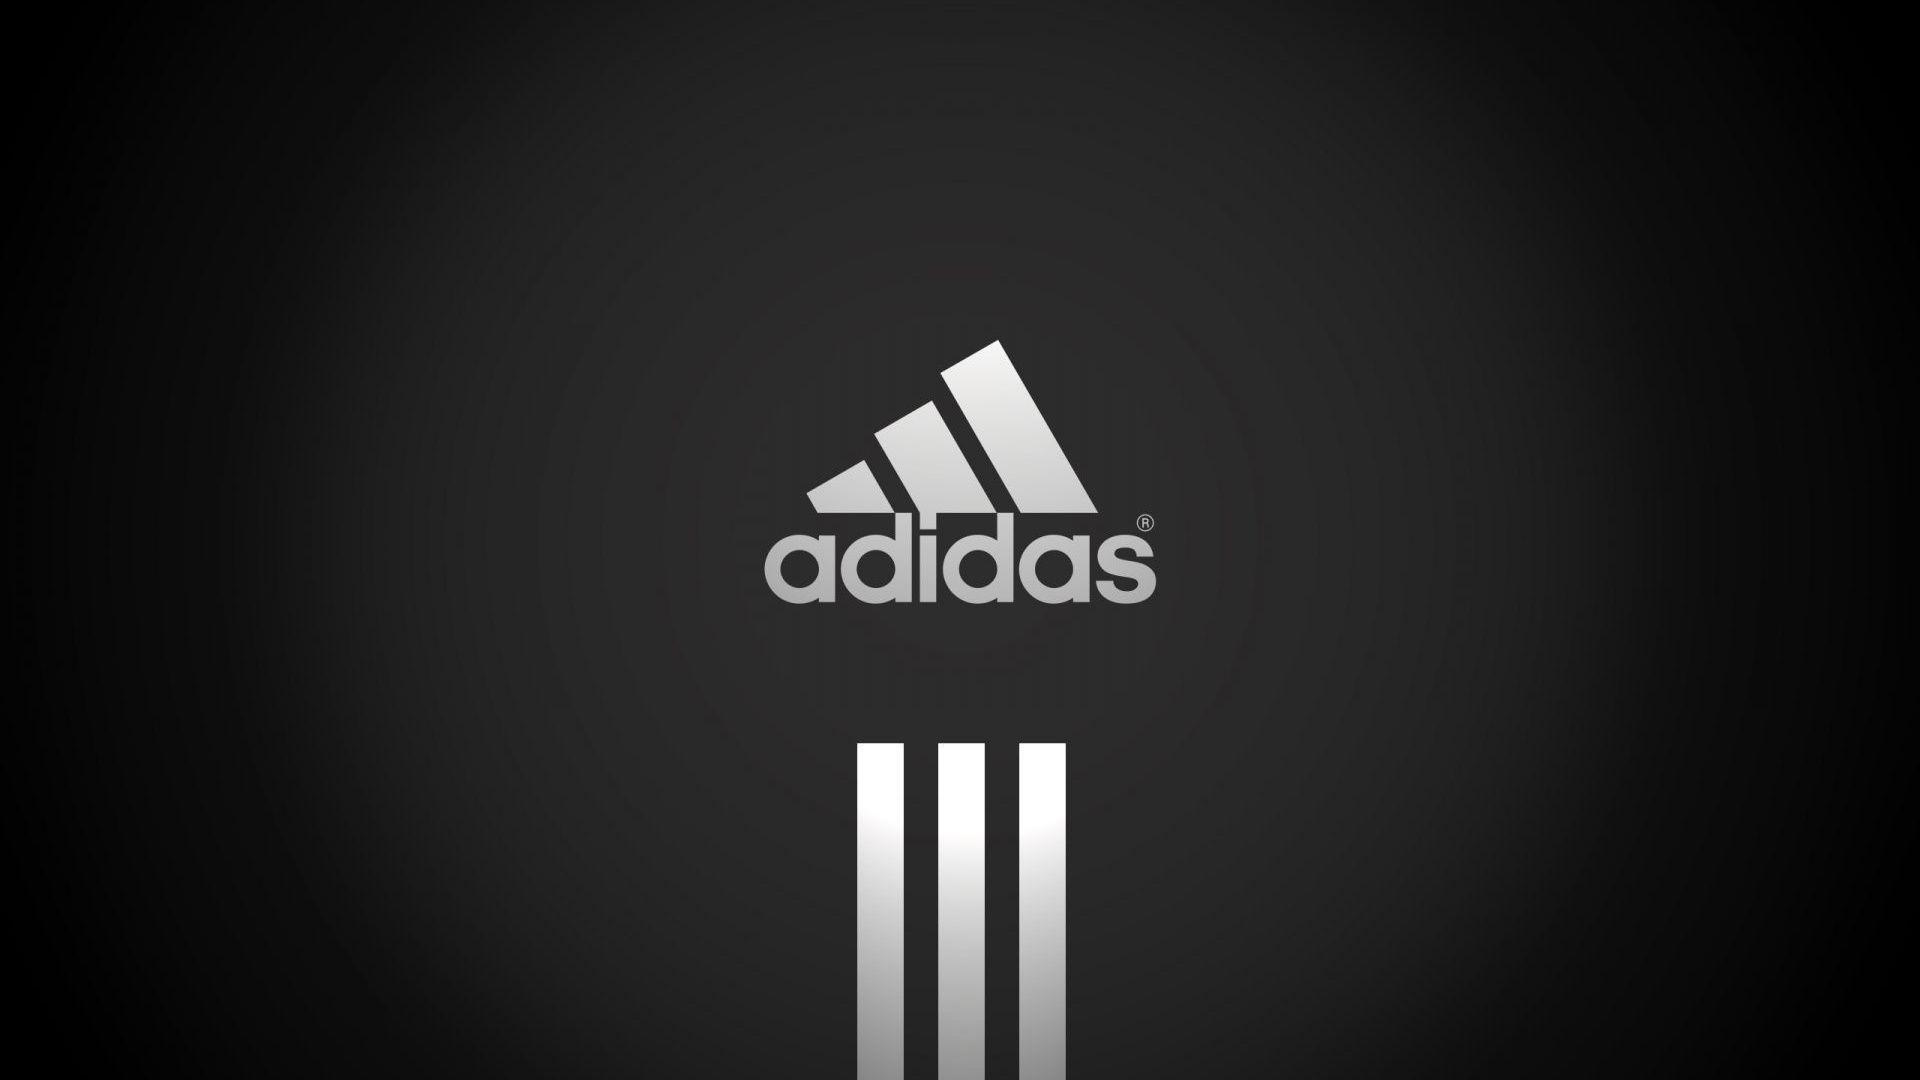 Bộ hình nền đen Adidas